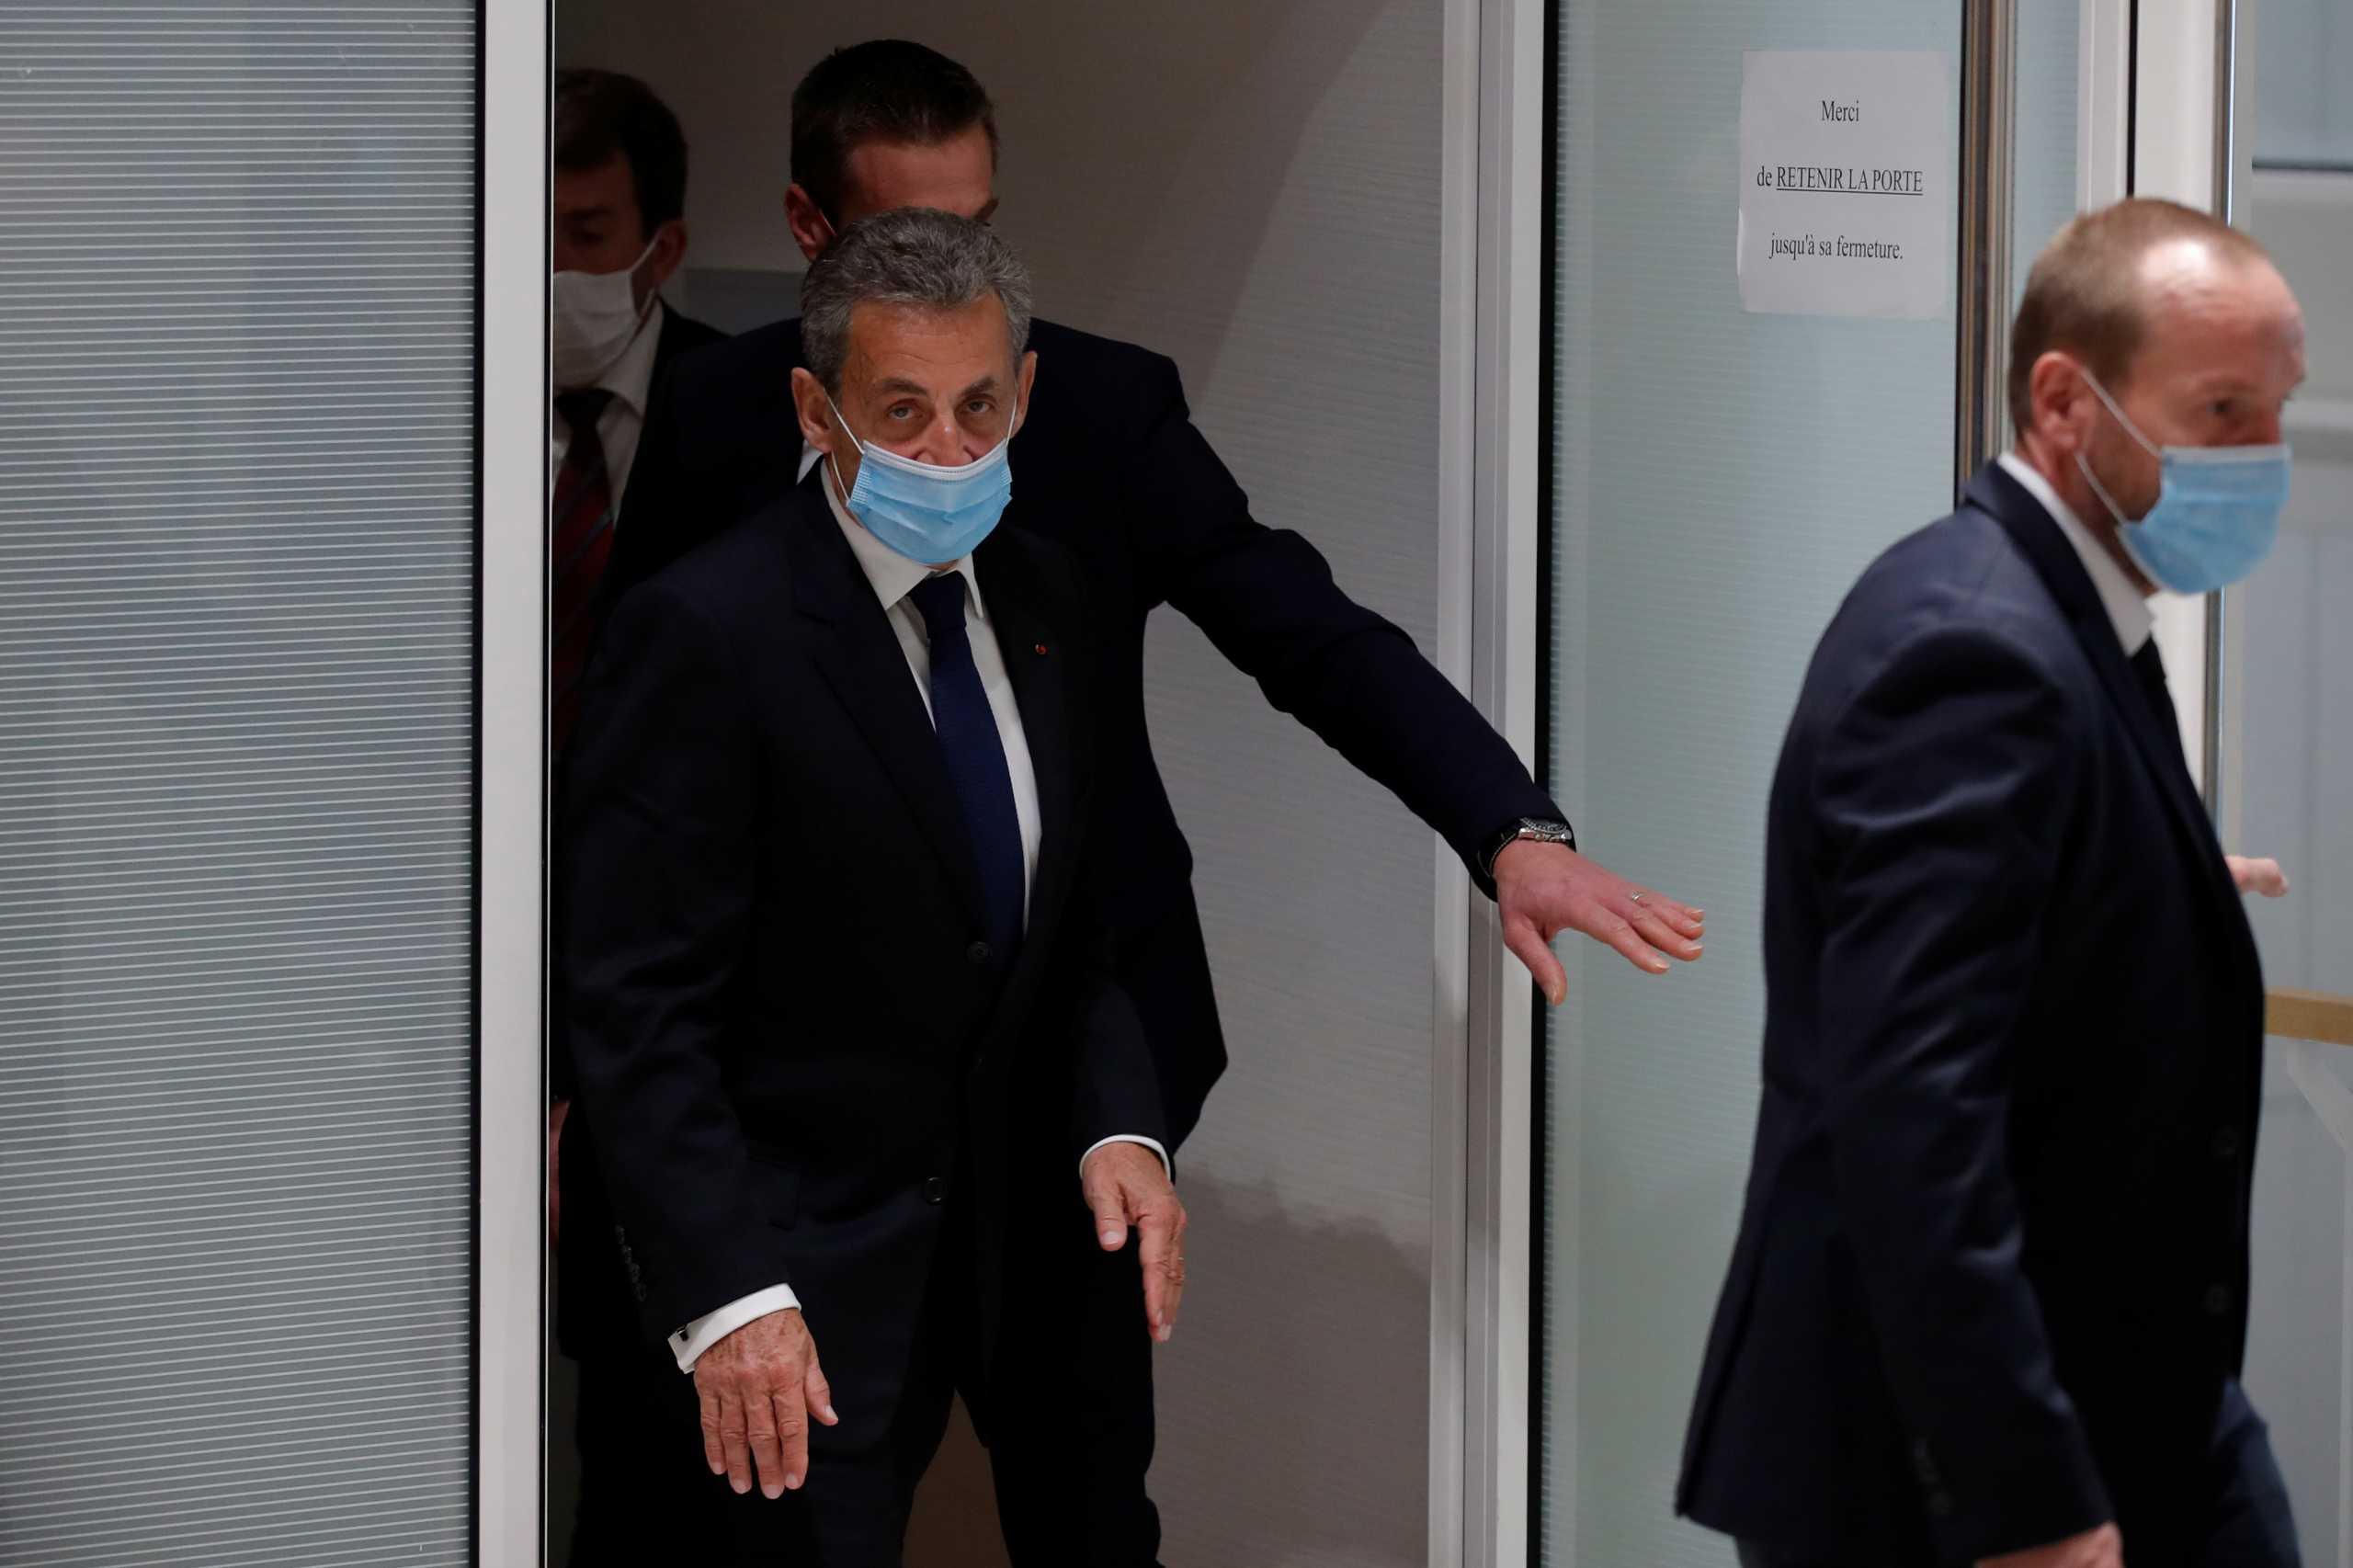 Ένοχος για διαφθορά ο Σαρκοζί -Καταδικάστηκε σε τρία χρόνια, θα εκτίσει το ένα | Bank Wars - Τράπεζες